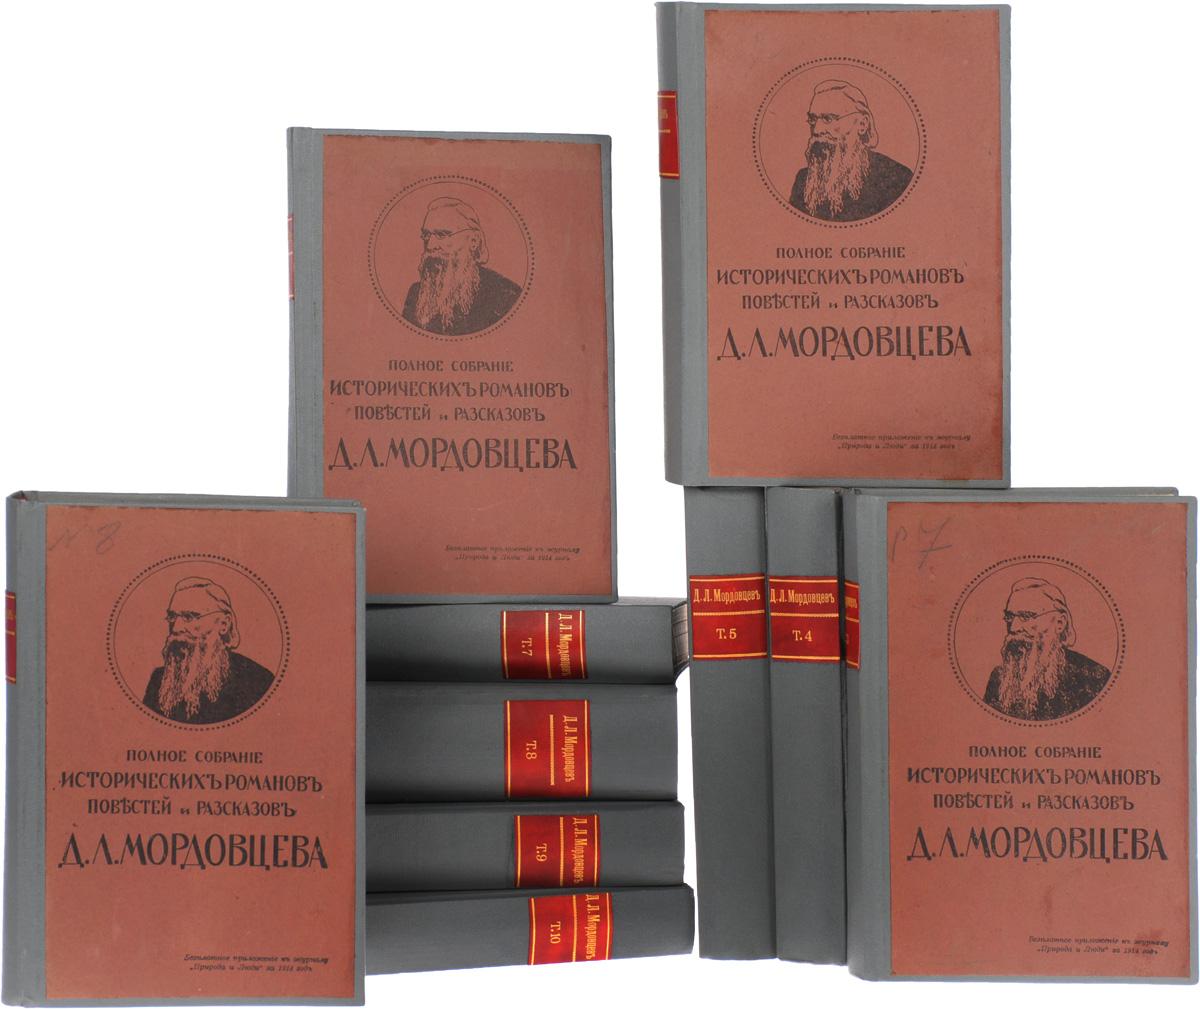 Полное собрание исторических романов, повестей и рассказов Д. Л. Мордовцева